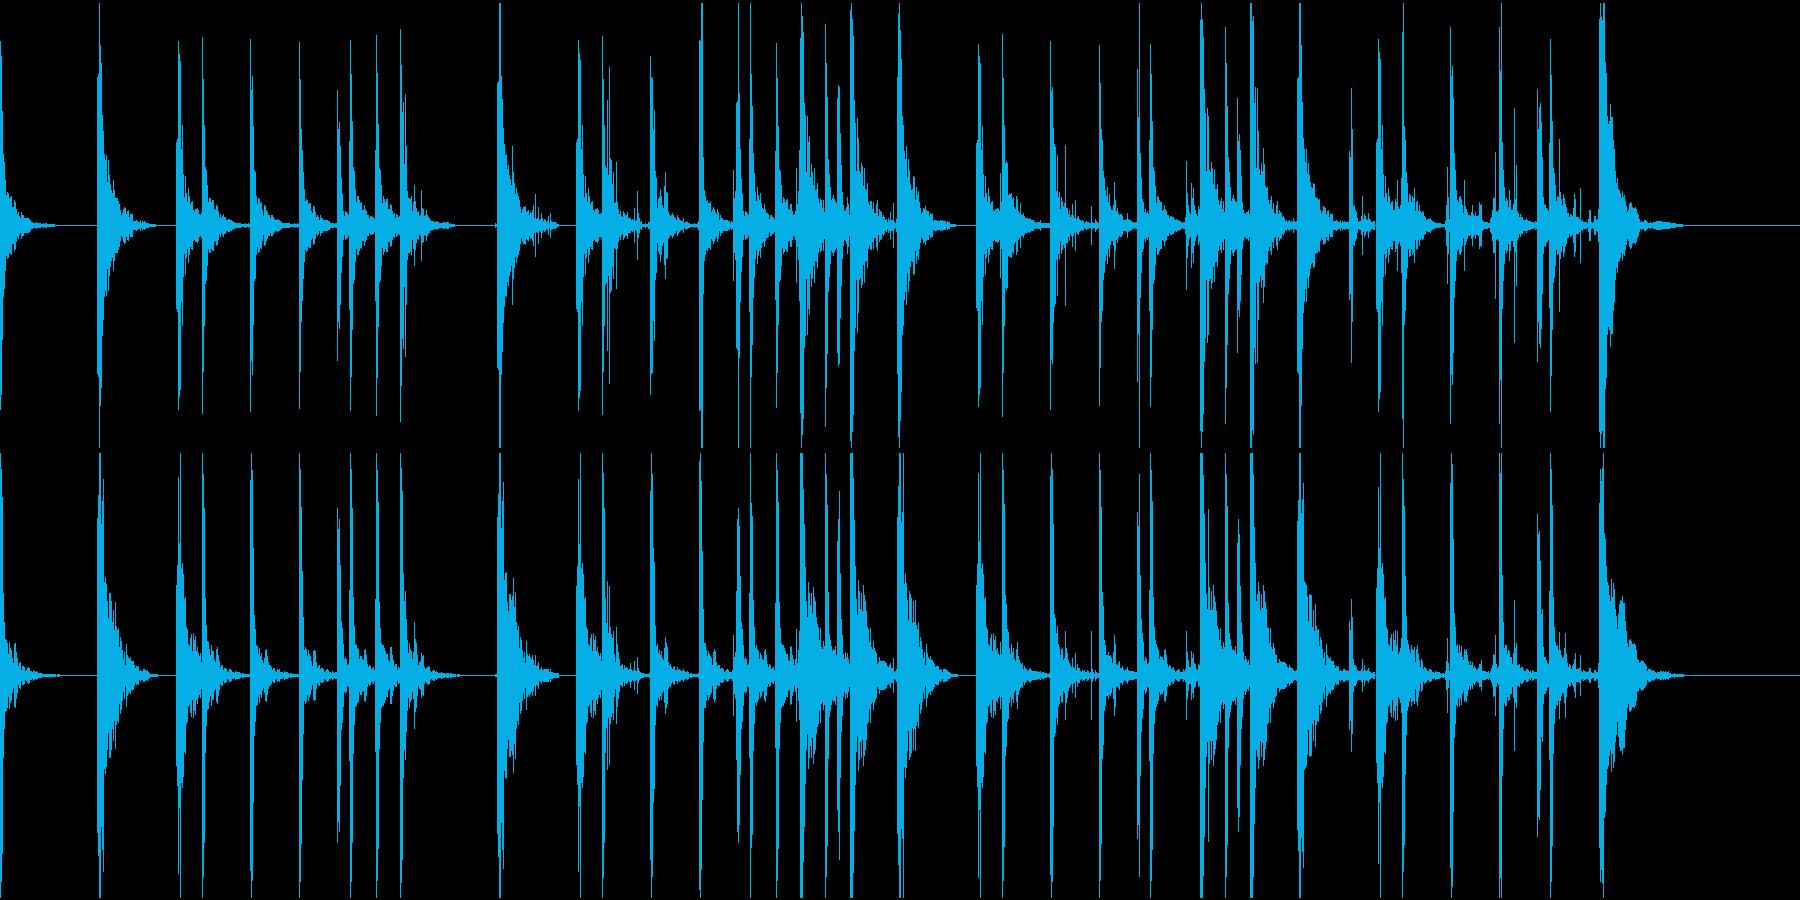 足音をイメージした音の再生済みの波形